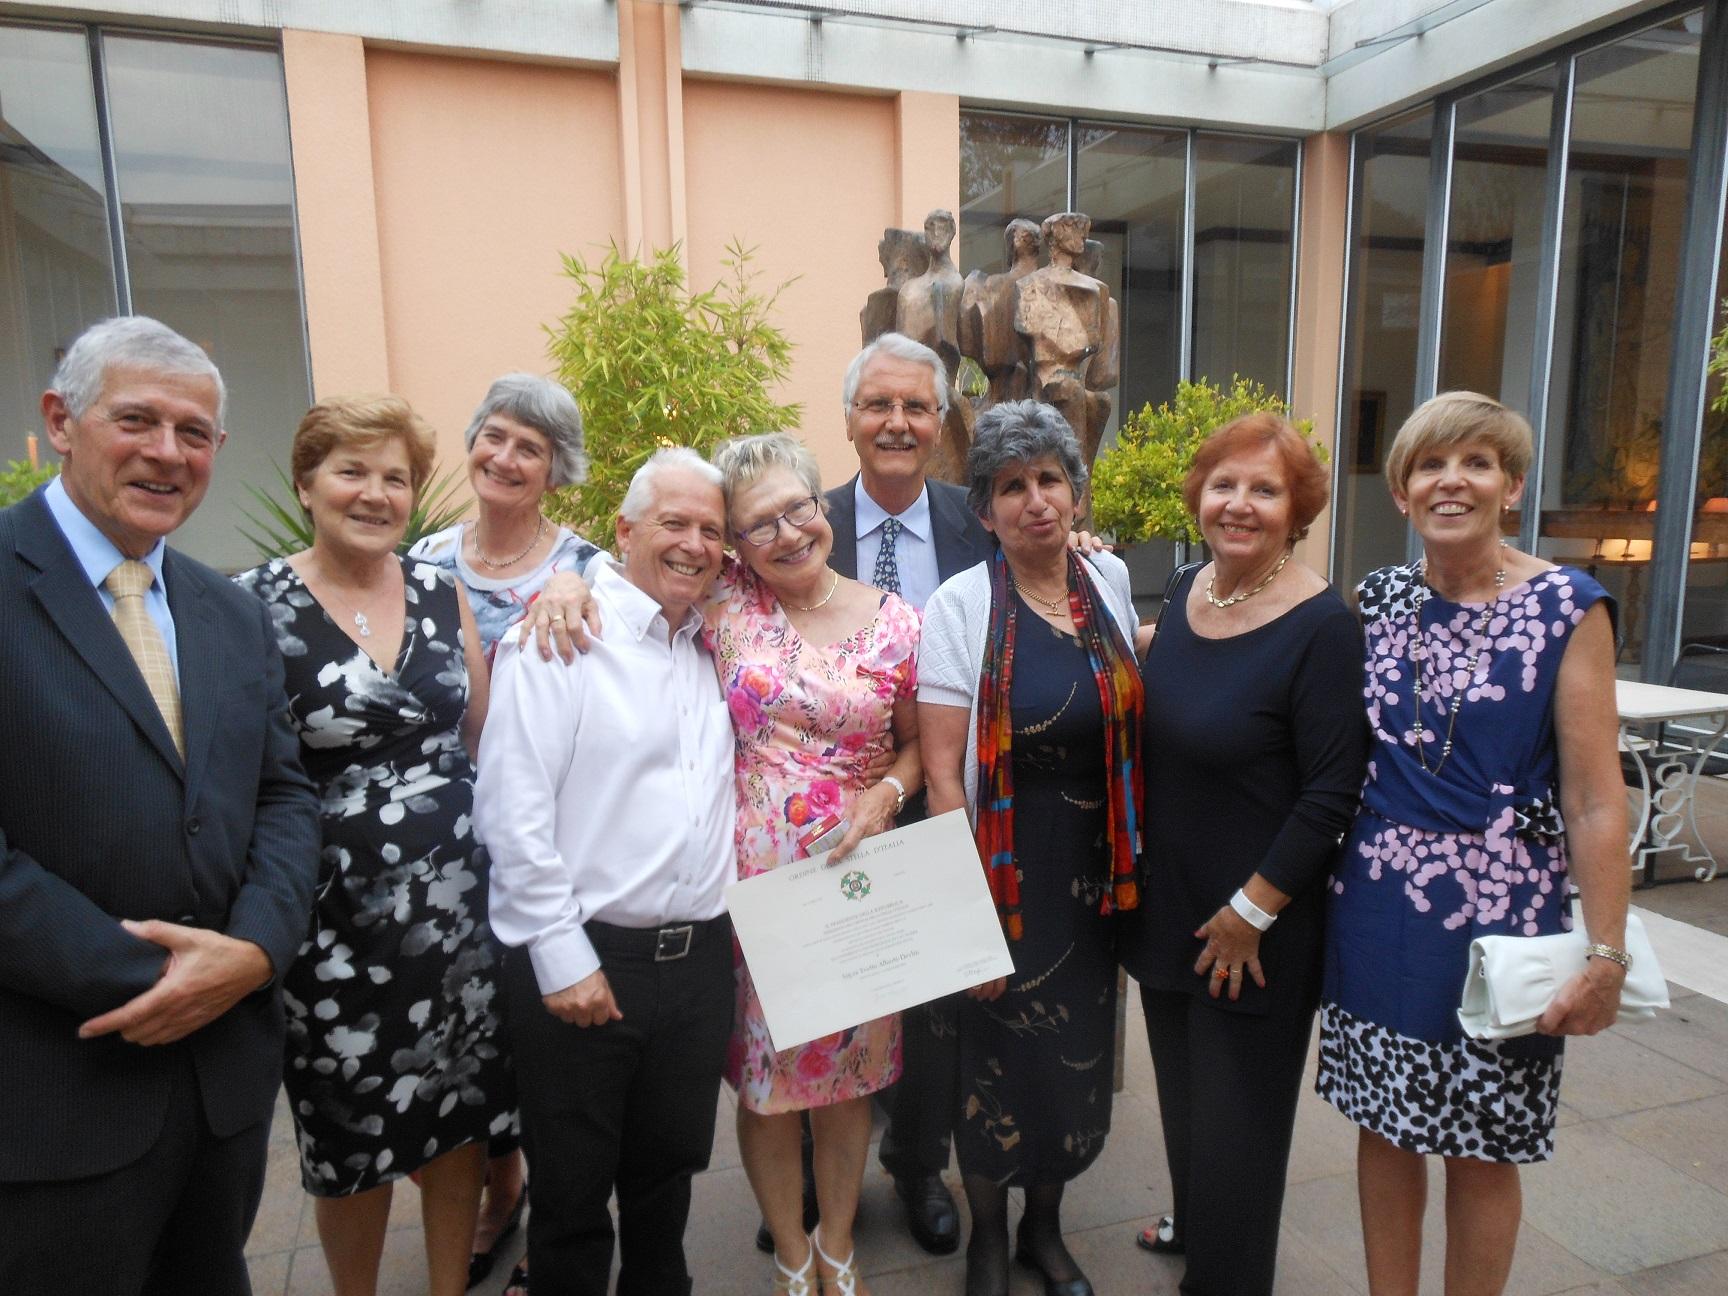 Yvette Devlin con i soci della Dante presenti al rinfresco organizzato dall'Ambasciata d'Italia a Canberra